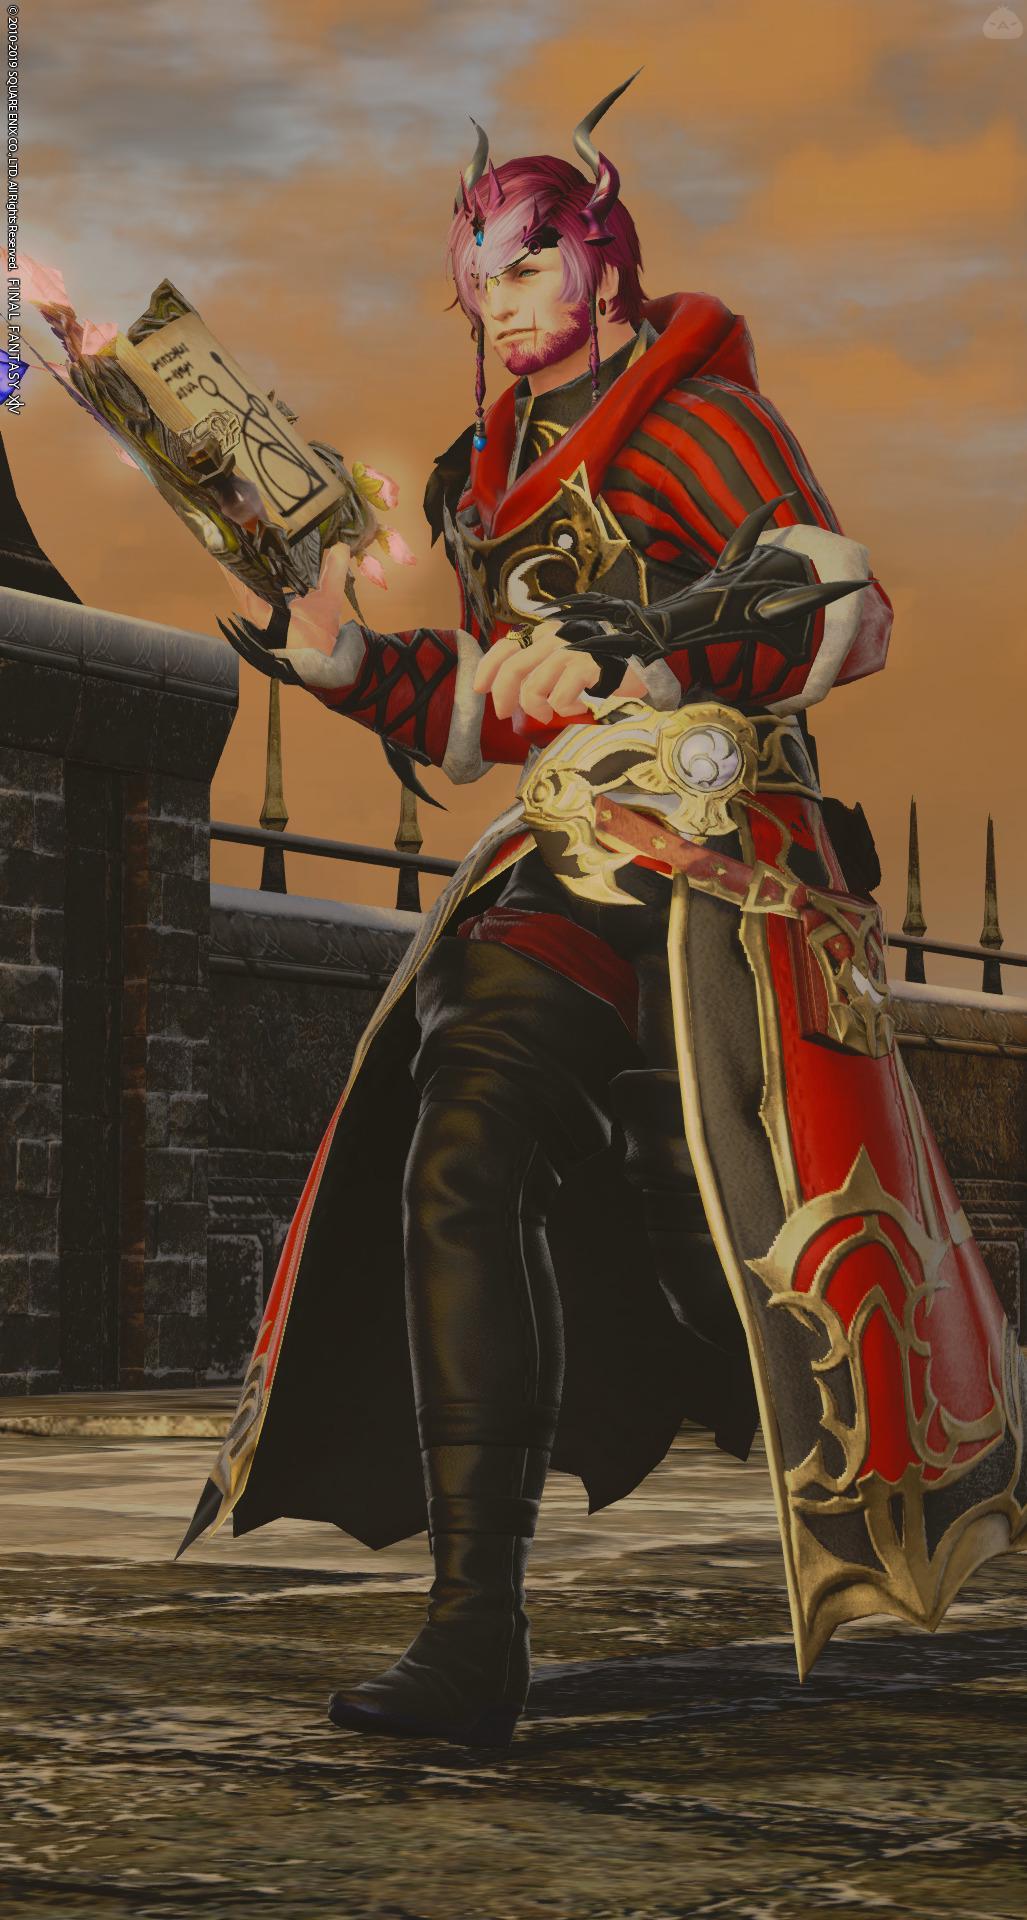 赤い召さん